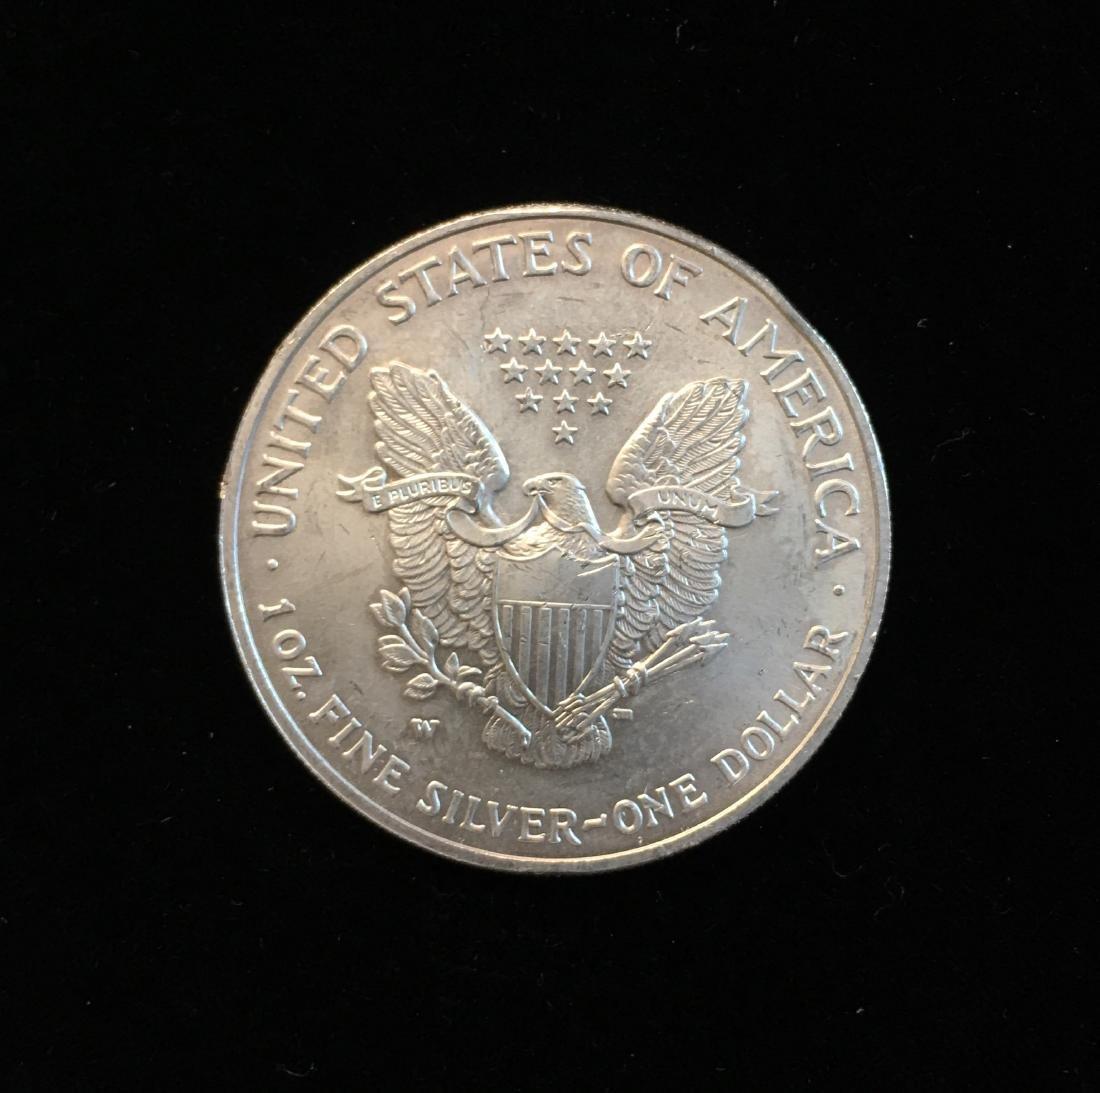 2007-W $1 American Silver Eagle 1oz Fine Silver - 2